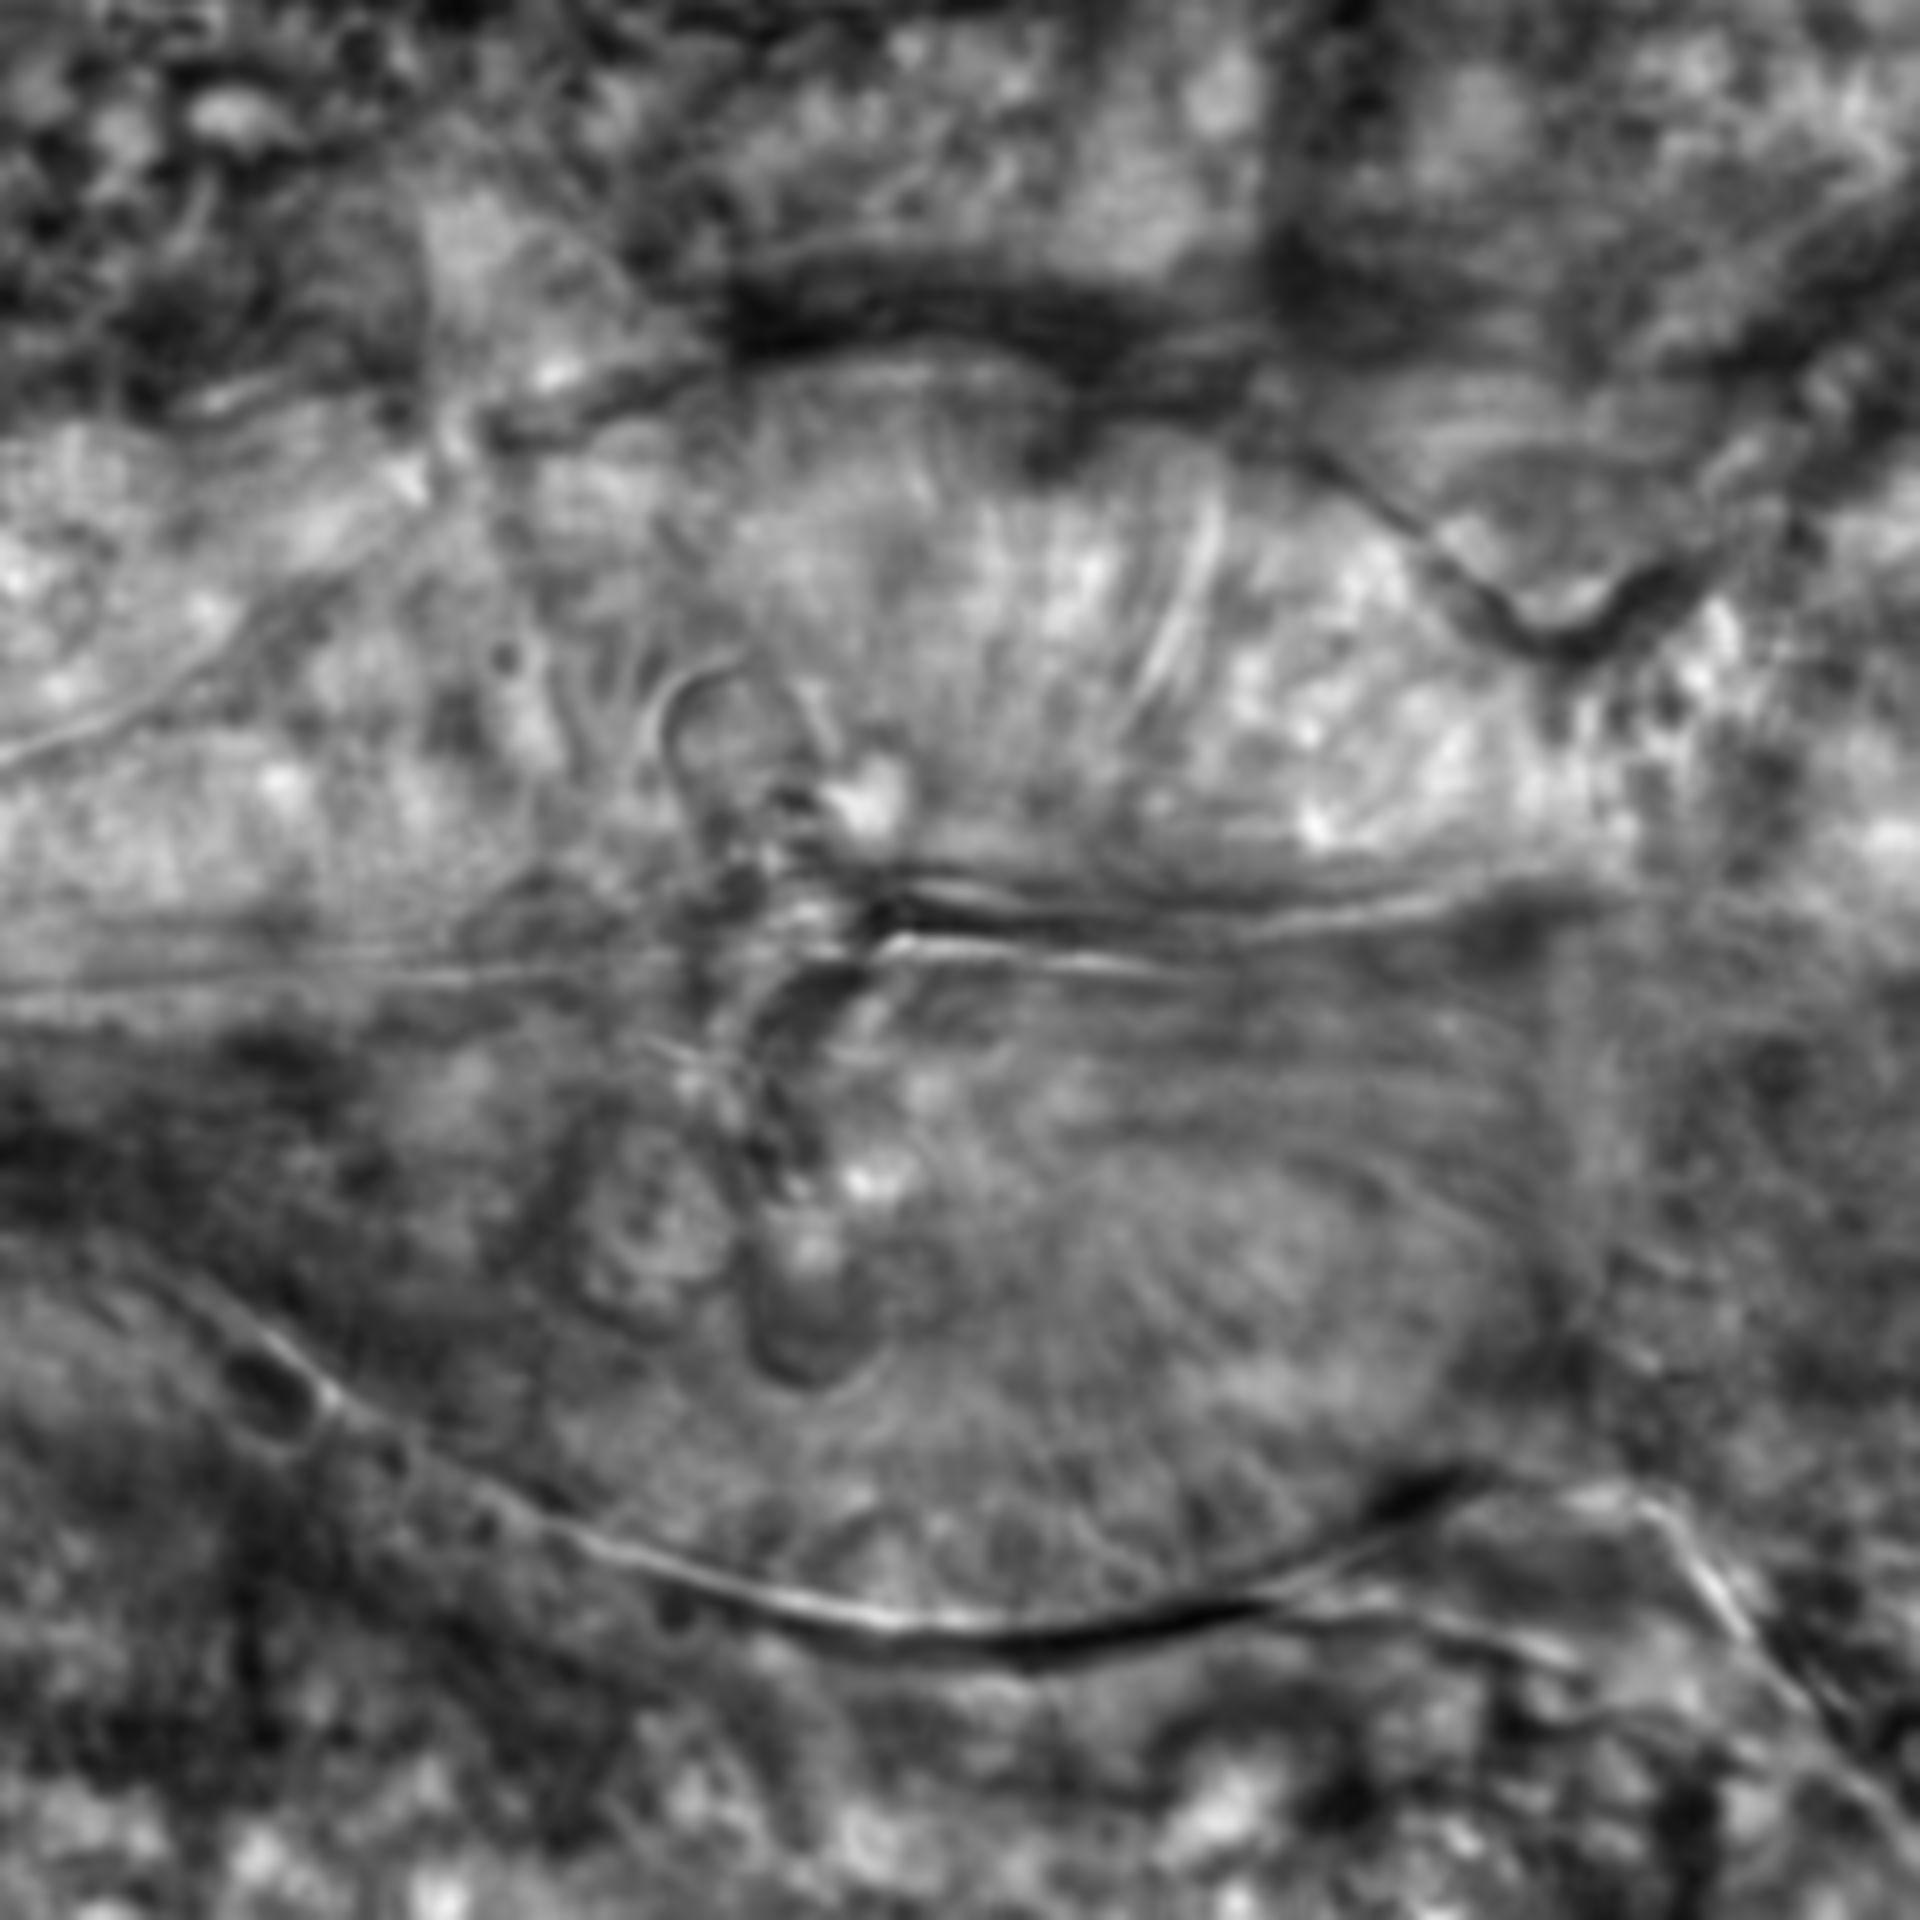 Caenorhabditis elegans - CIL:2184